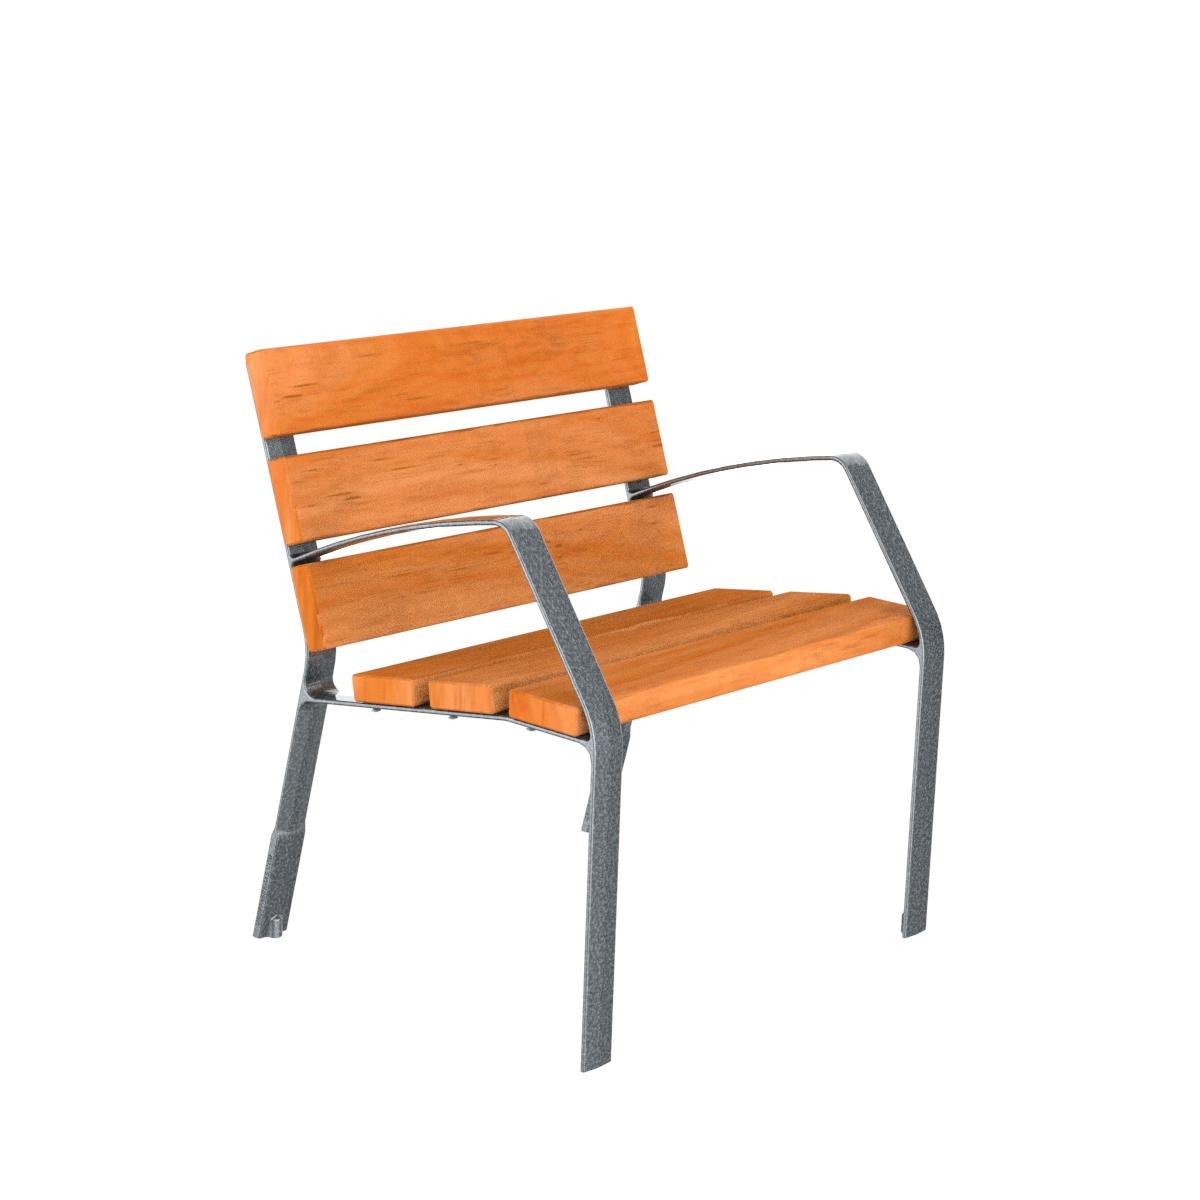 Chaise Modo08 en bois tropical et pieds en fonte ductile